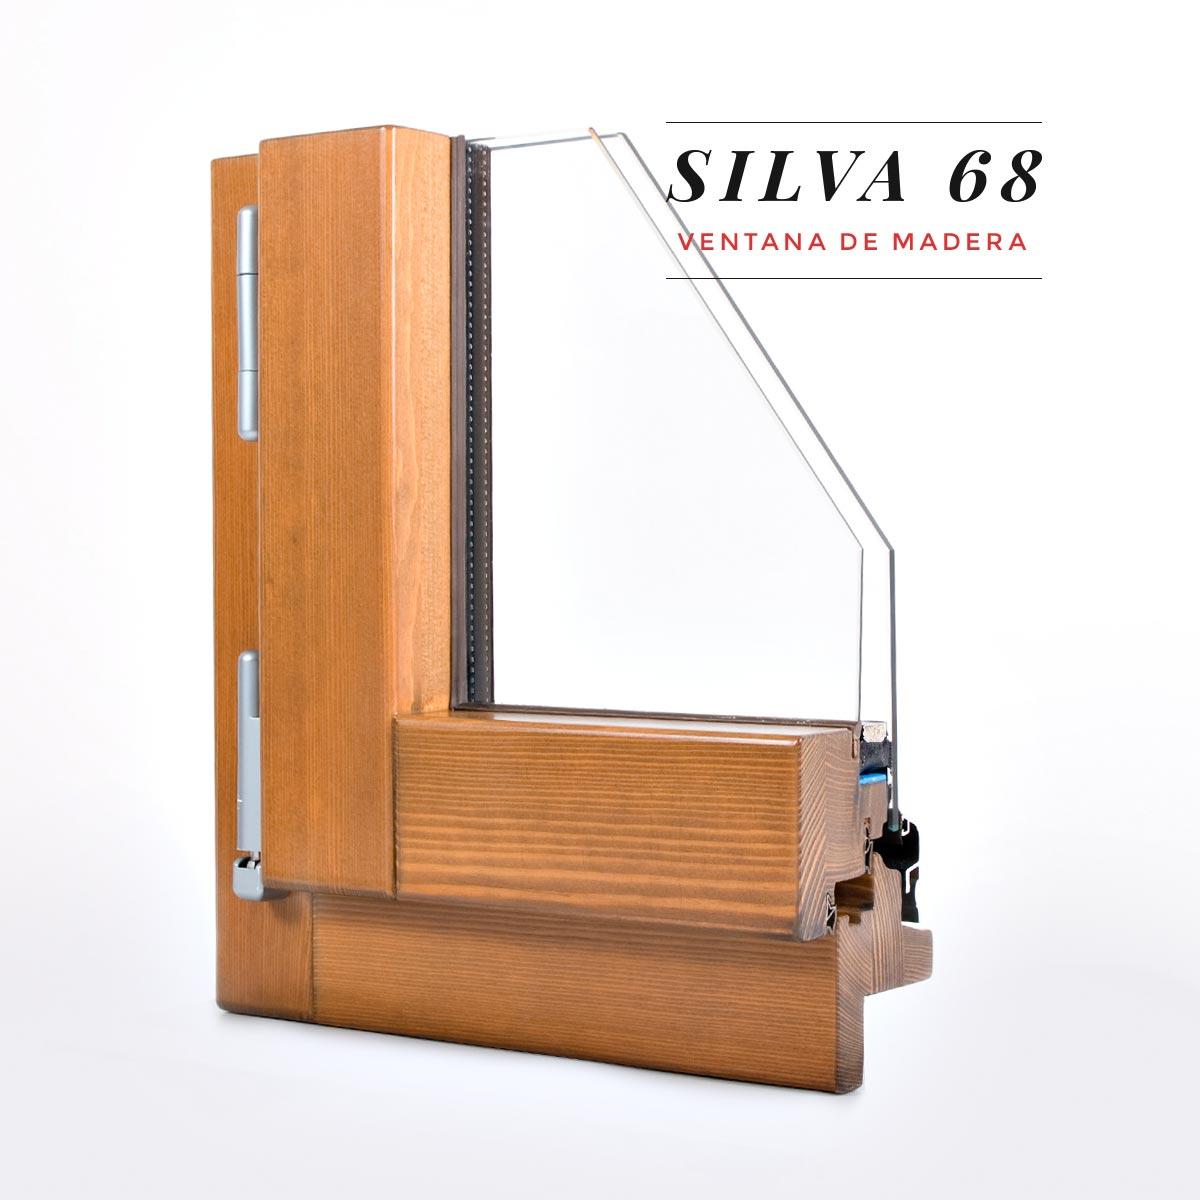 Finestra de fusta Silva 68 - finestra per a casa rural - Carreté Finestres